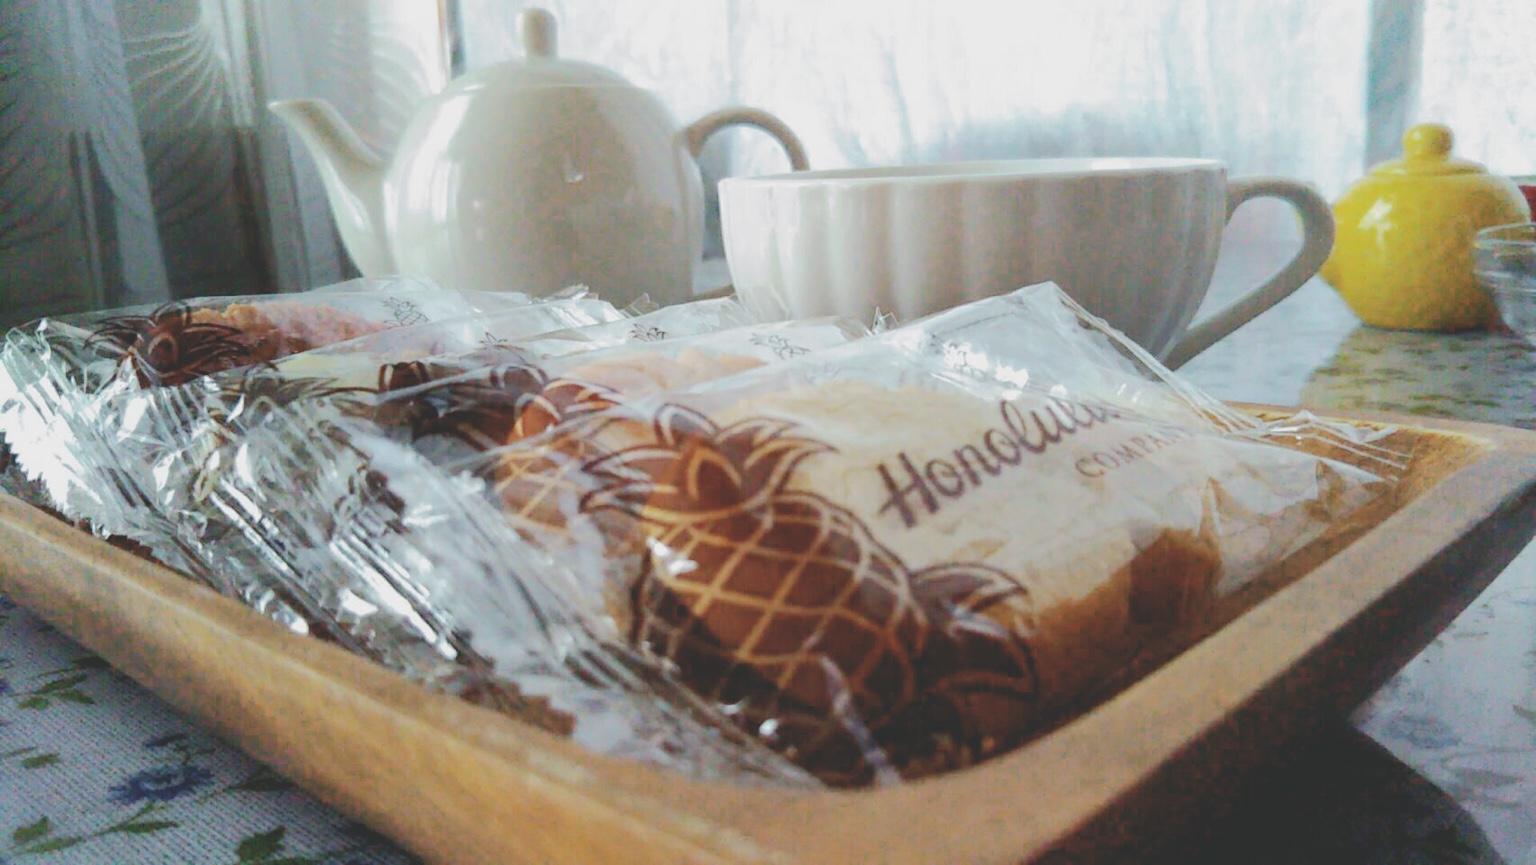 ハワイのお土産は「ホノルルクッキー」がおすすめ!パイナップル型が可愛い